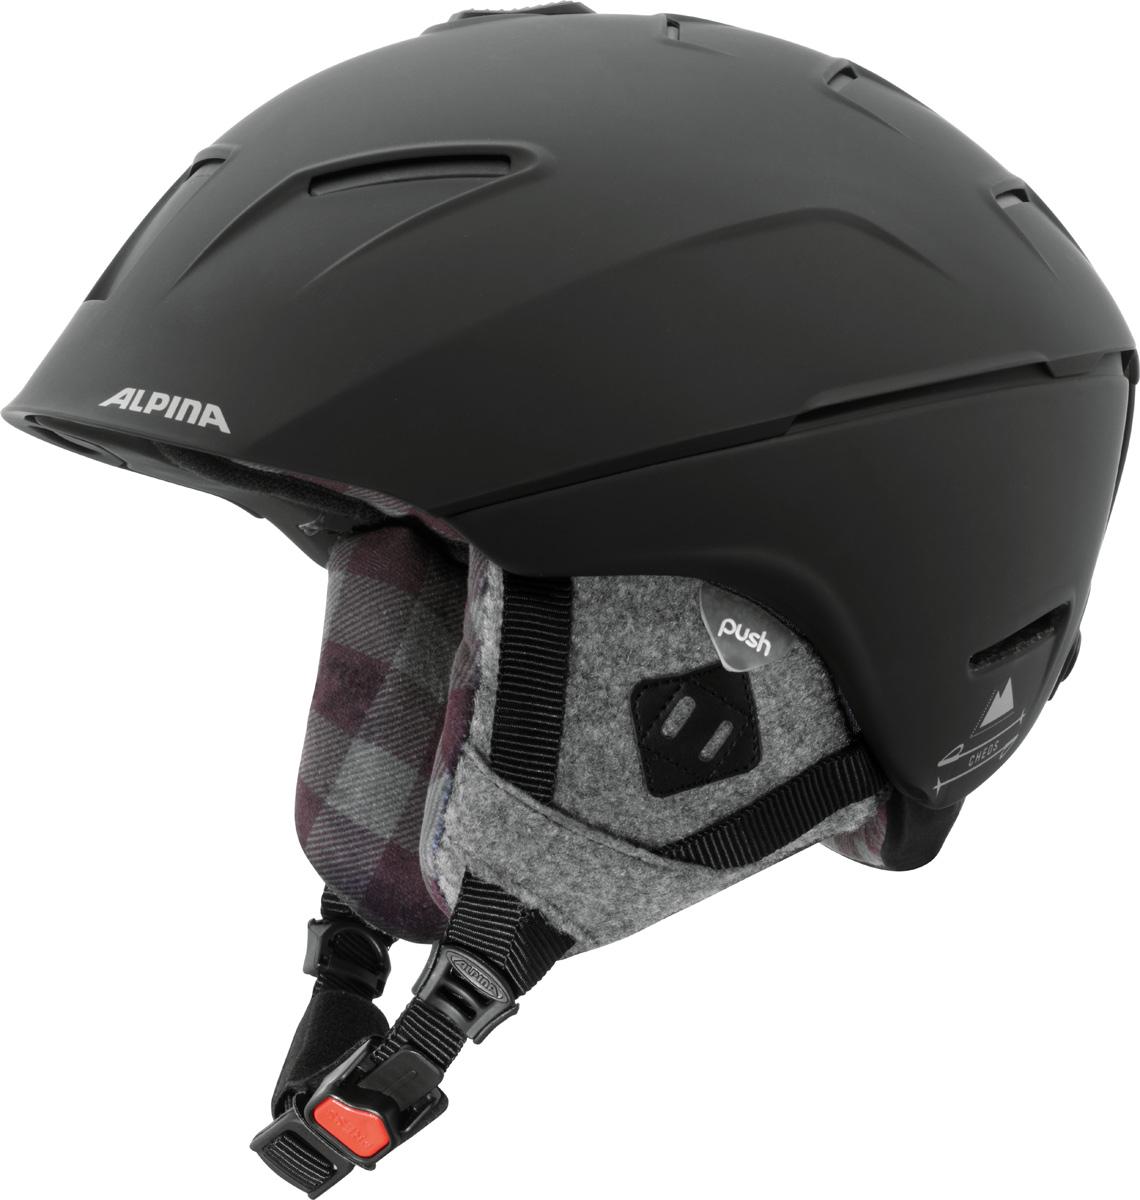 Шлем горнолыжный Alpina Cheos, цвет: черный. A9058_34. Размер 55-59A9058_34Модель сочетает передовые технологии, уникальные характеристики, бескомпромиссную безопасность и исключительный дизайн. Размеры: 52-61 см. Технологии:Hybrid - Нижняя часть шлема состоит из легкого Inmold, что обеспечивает хорошую амортизацию. Верхняя часть - супер-прочный Hardshell.EDGE PROTECT – усиленная нижняя часть шлема, выполненная по технологии Inmold. Дополнительная защита при боковых ударах. RUN SYSTEM – простая система настройки шлема, позволяющая добиться надежной фиксации.AIRSTREAM CONTROL – регулируемые воздушные клапана для полного контроля внутренней вентиляции. REMOVABLE EARPADS - съемные амбушюры добавляют чувства свободы во время катания в теплую погоду, не в ущерб безопасности. При падении температуры, амбушюры легко устанавливаются обратно на шлем.CHANGEABLE INTERIOR – съемная внутренняя часть. Допускается стирка в теплой мыльной воде.NECKWARMER – дополнительное утепление шеи. Изготовлено из мягкого флиса.3D FIT – ремень, позволяющий регулироваться затылочную часть шлема. Пять позиций позволят настроить идеальную посадку.